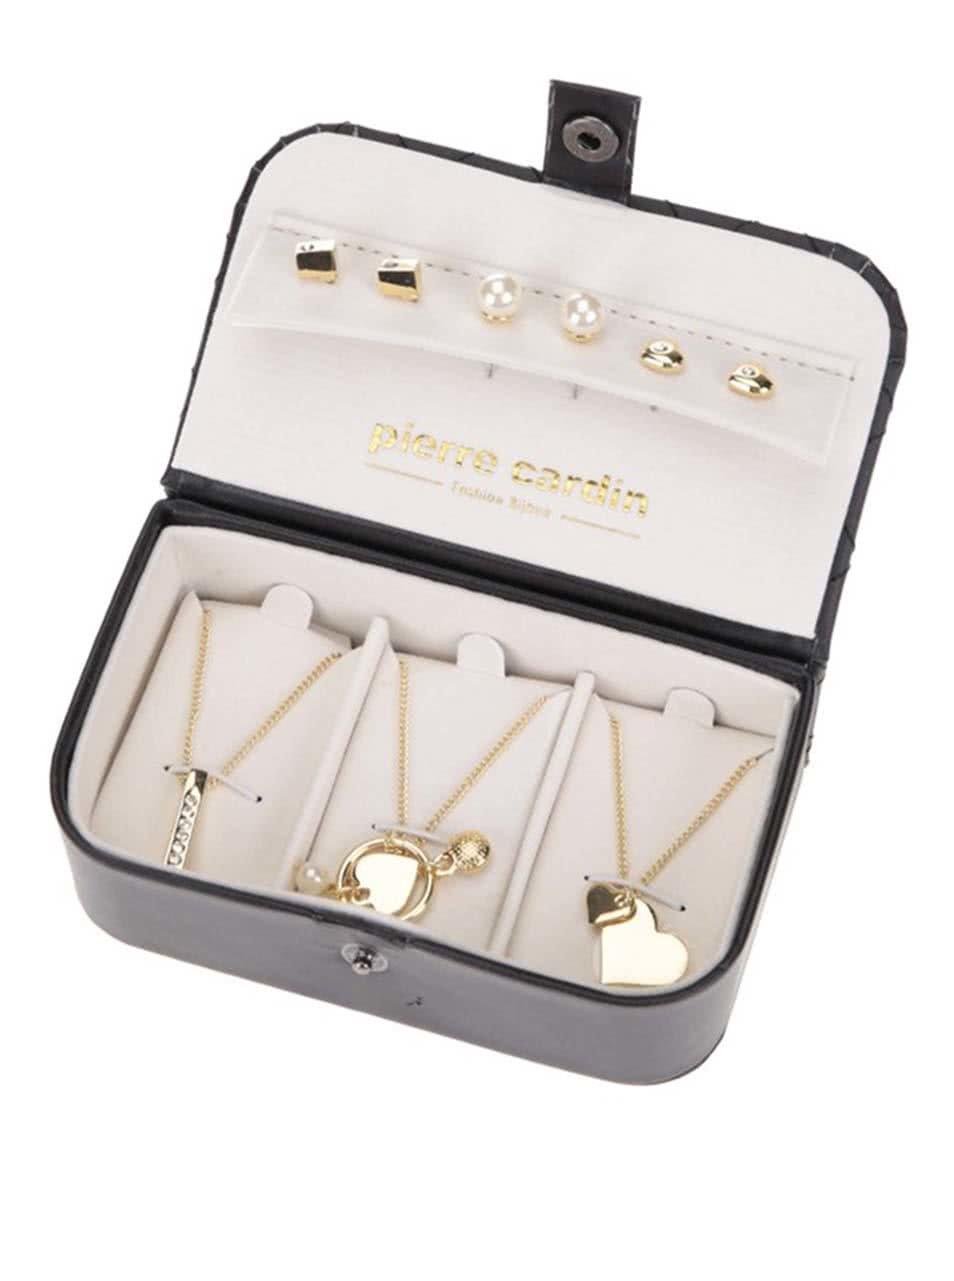 Sada šperků ve zlaté barvě v elegantní kazetě Pierre Cardin ... 5f4a4e5d085